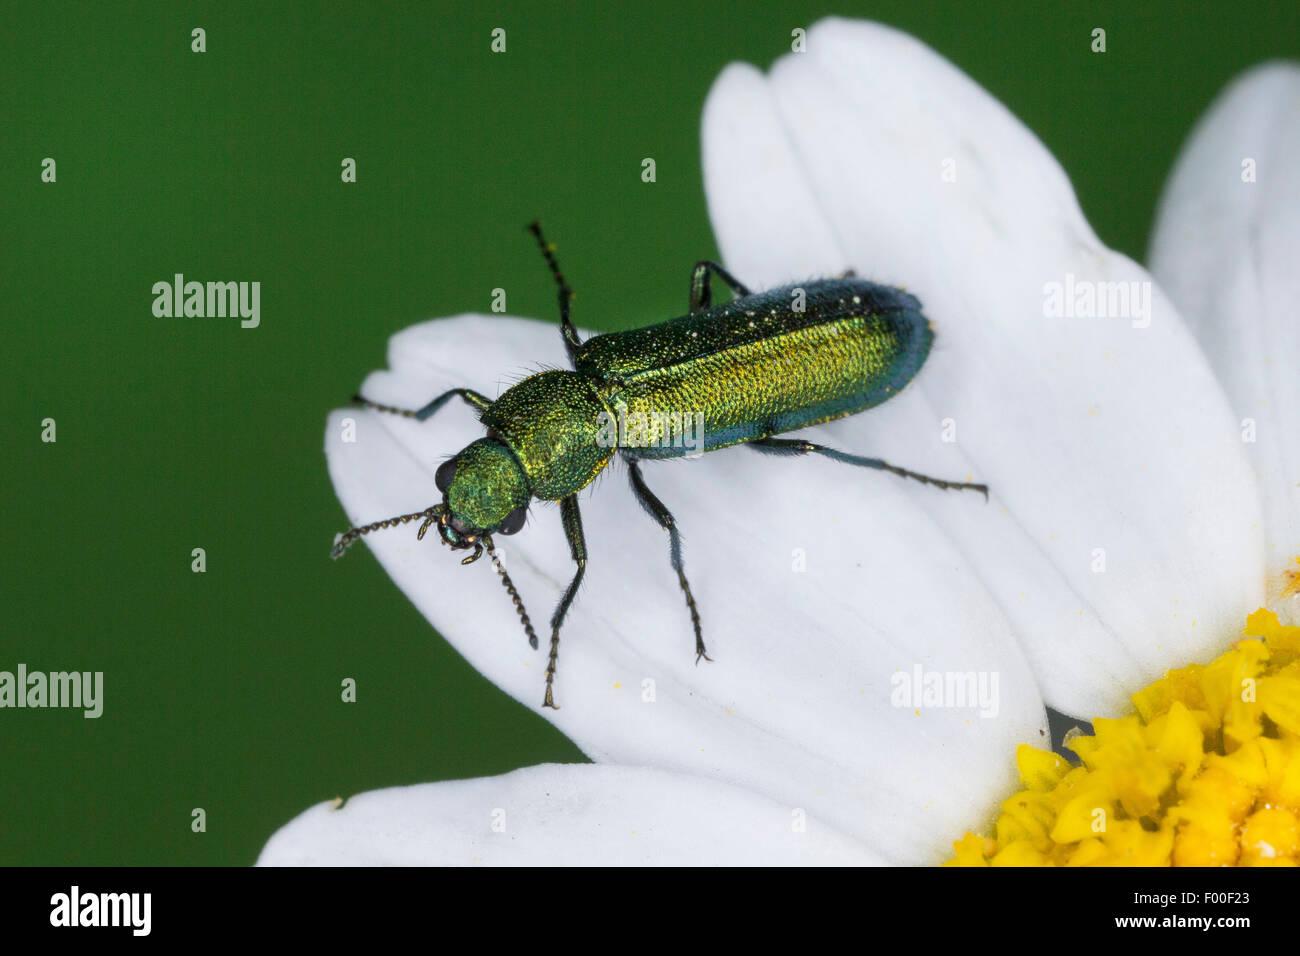 Soft-winged flower beetle (Psilothrix viridicoeruleus, Psilothrix viridicoerulea), on a white flower, Germany - Stock Image